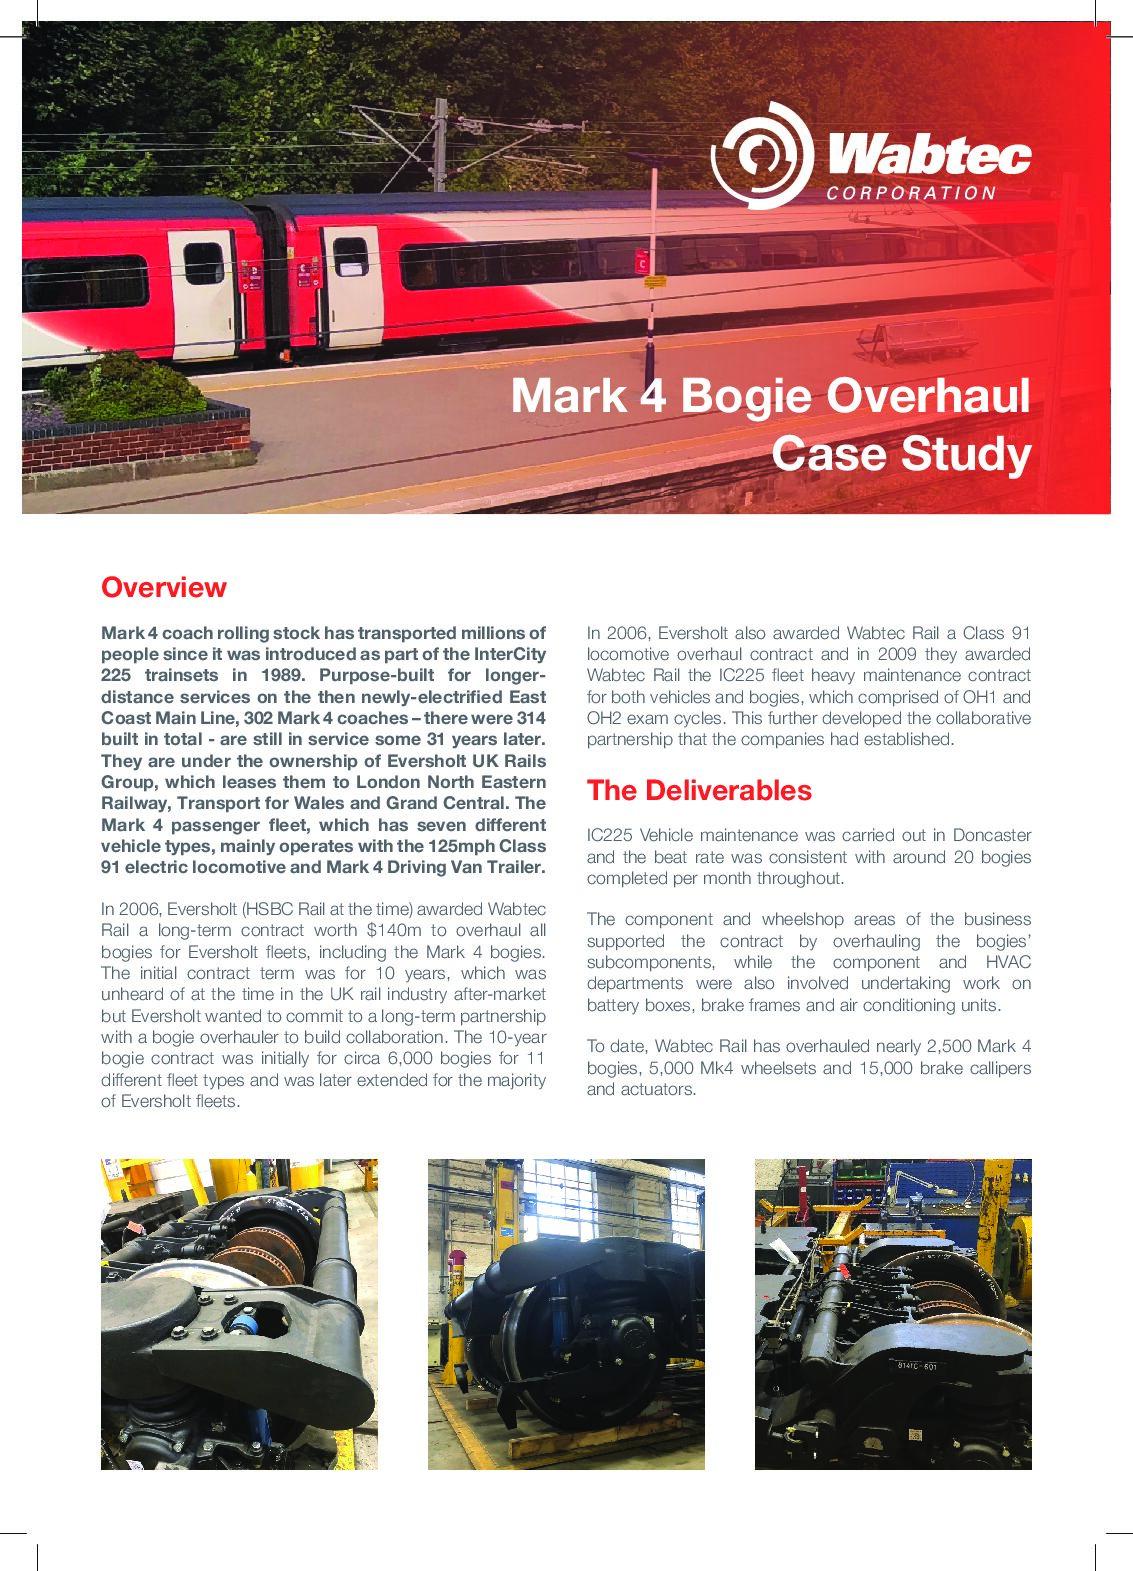 Wabtec MK4 Bogie Overhaul Case Study